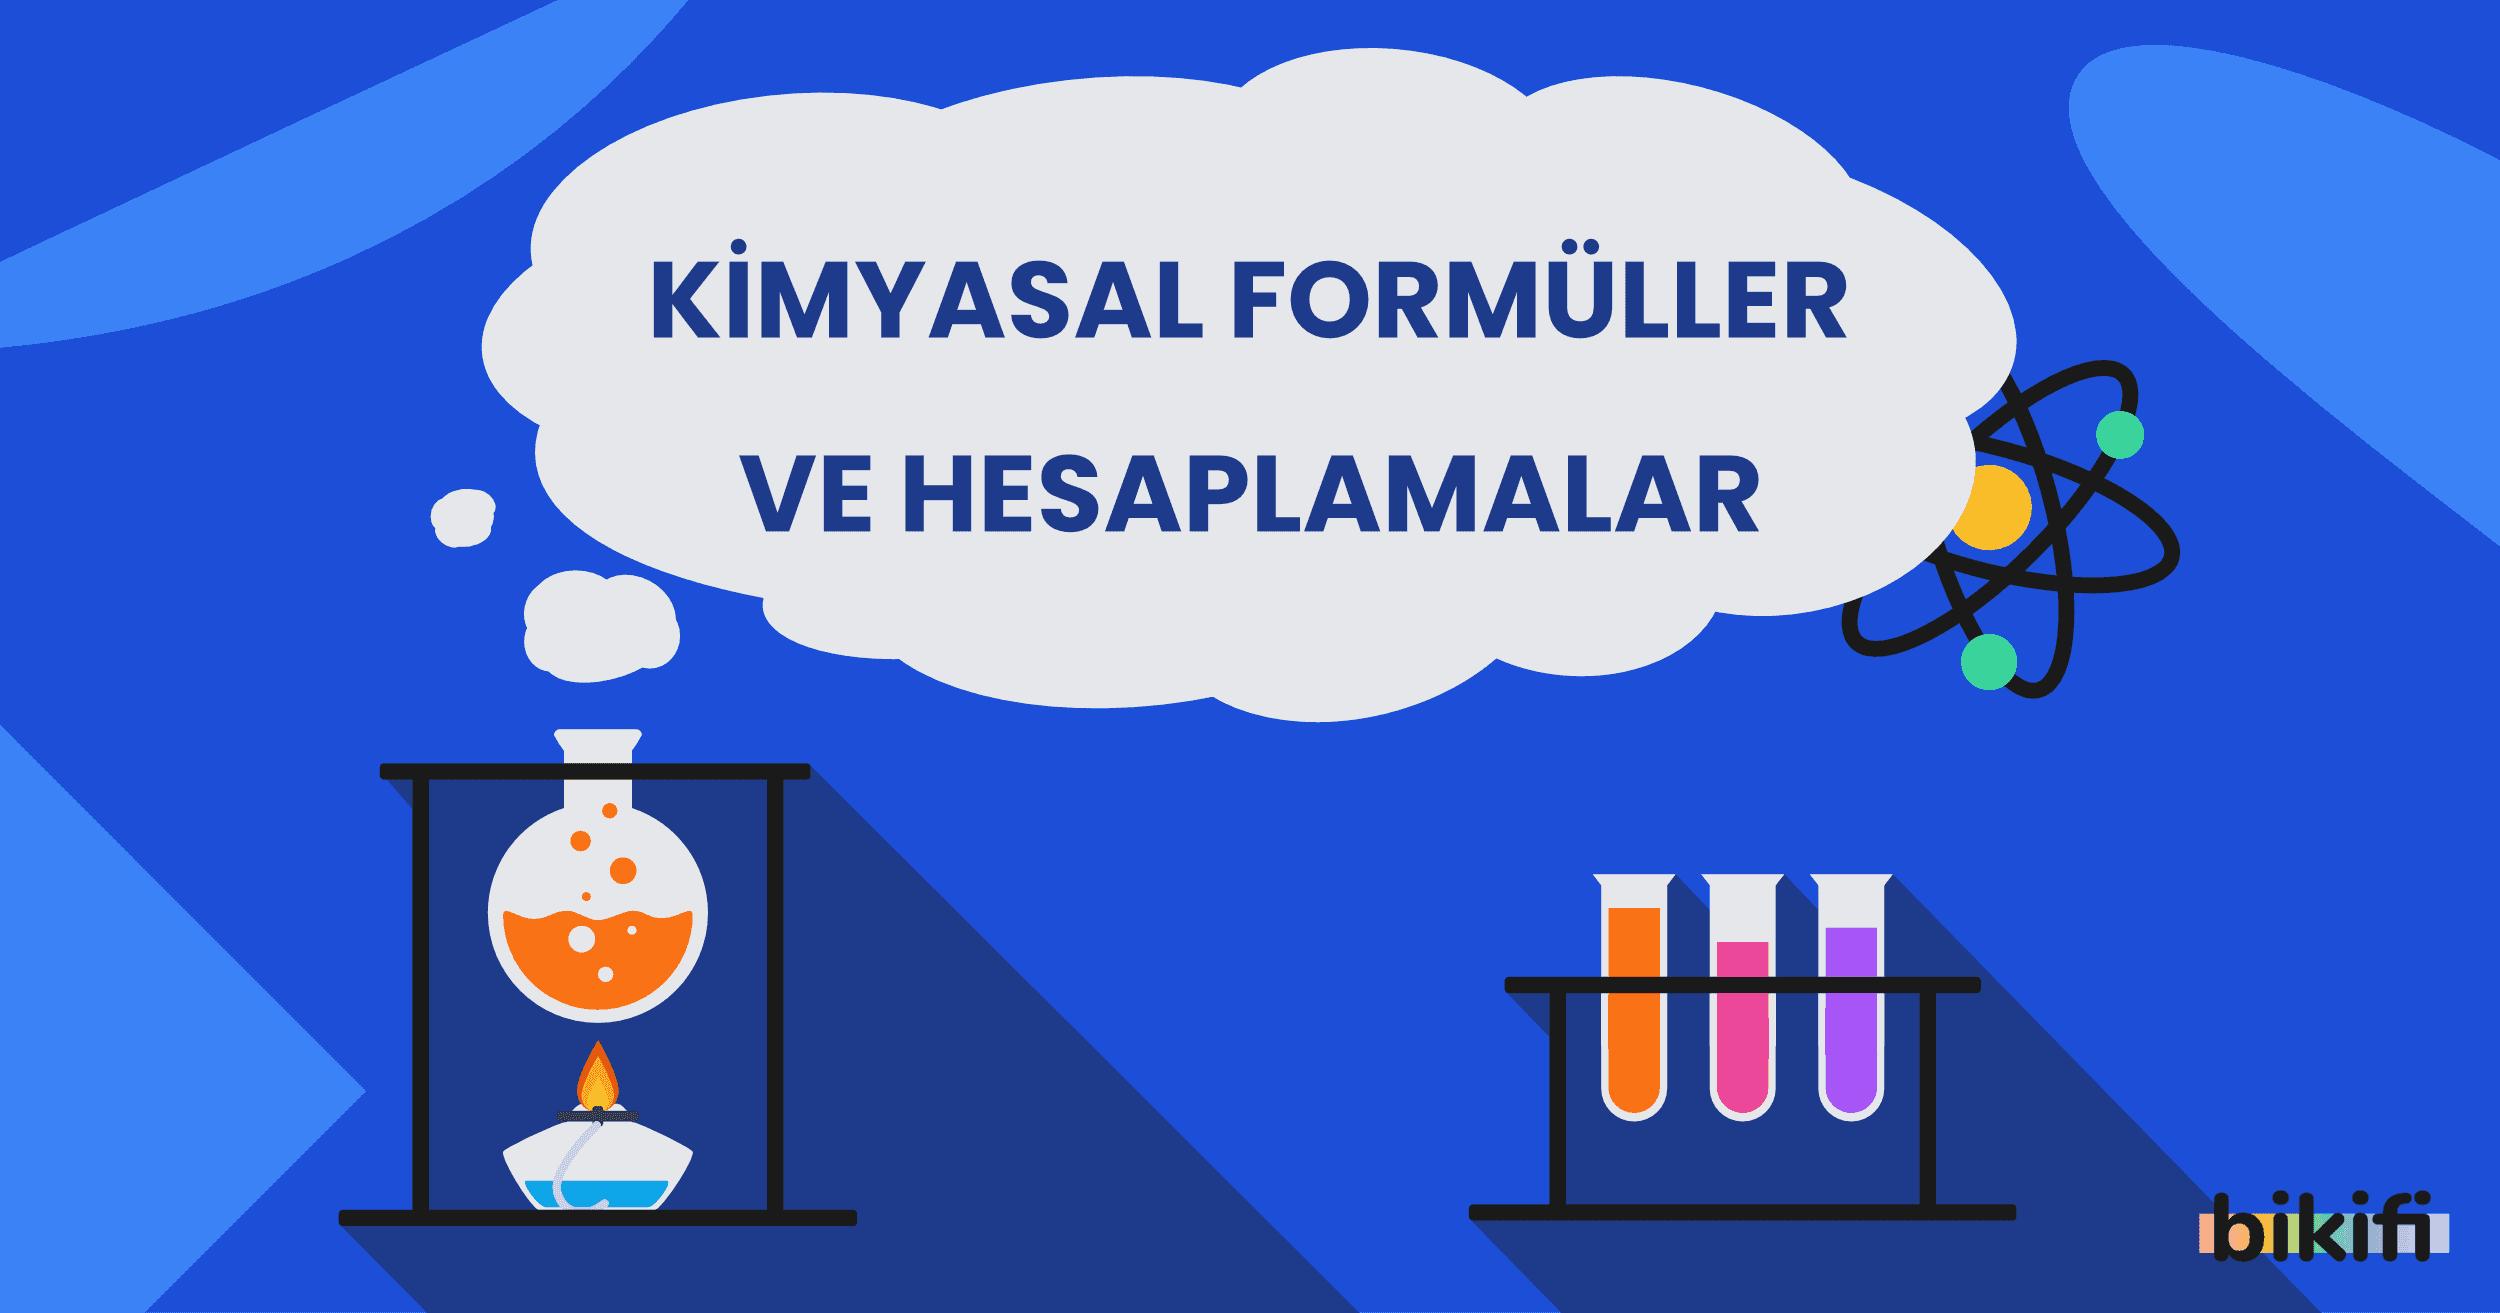 Kimyasal Formüller ve Hesaplamalar